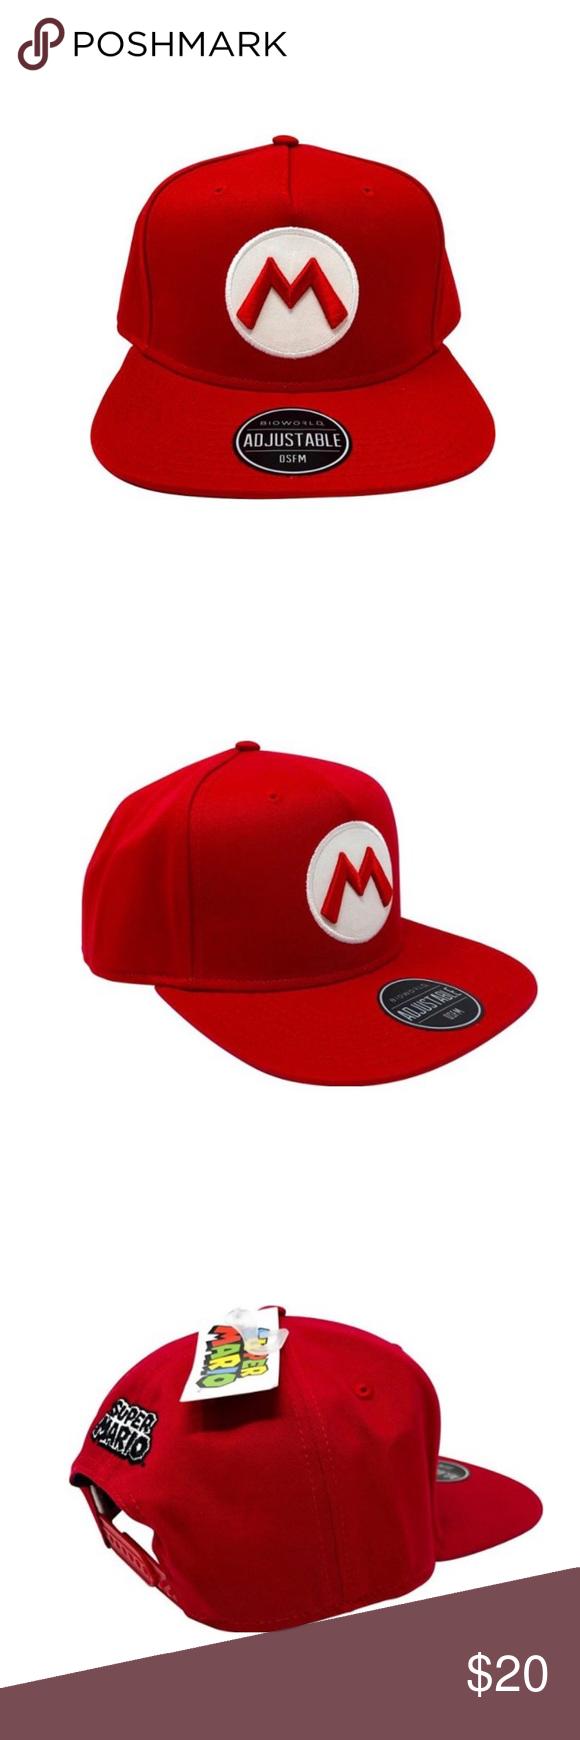 Super Mario Bros Red Adjustable Hat Cap Unisex Adjustable Hat Super Mario Bros Bros